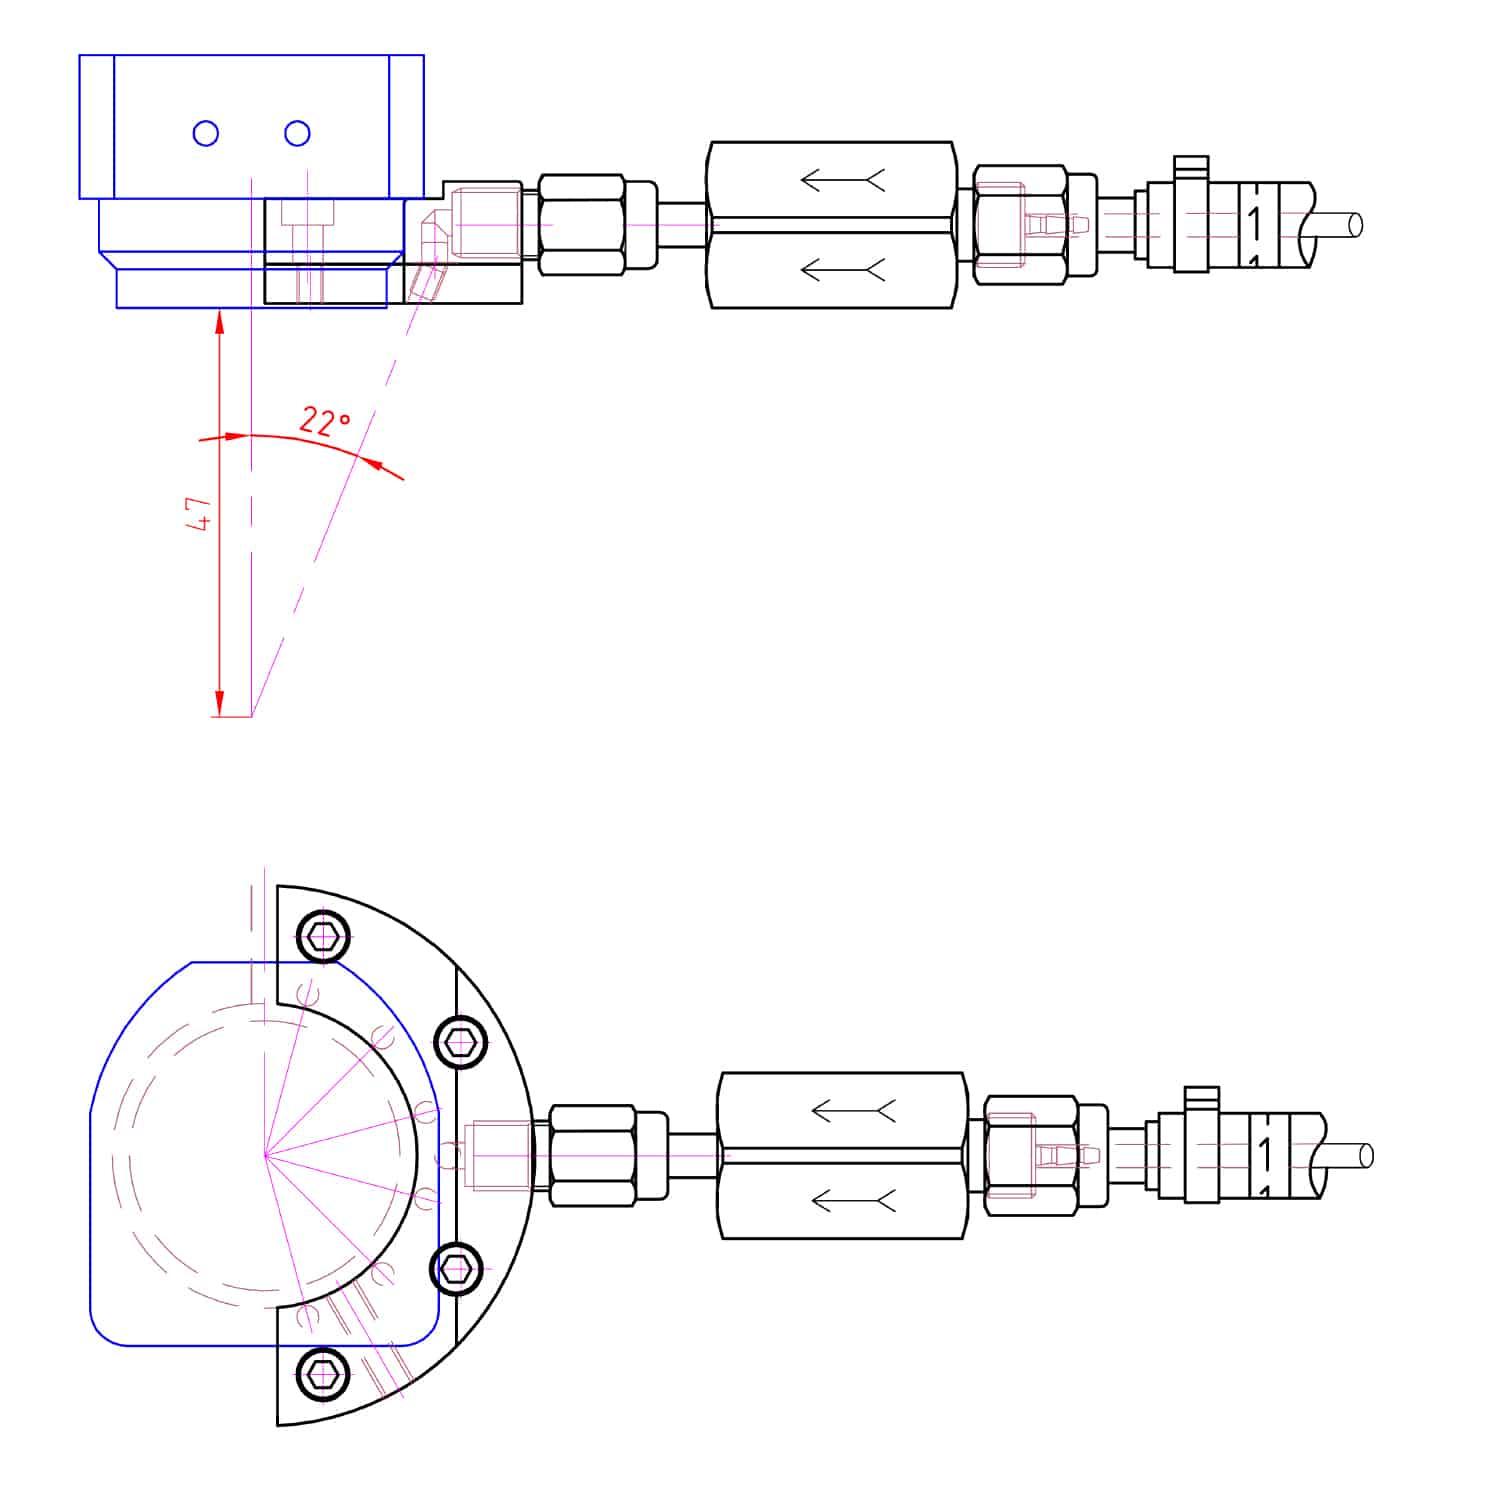 Zeigt eine Konstruktionszeichnung einer Halbringdüse von Unilube, für den Einsatz von Minimalmengenschmierung.